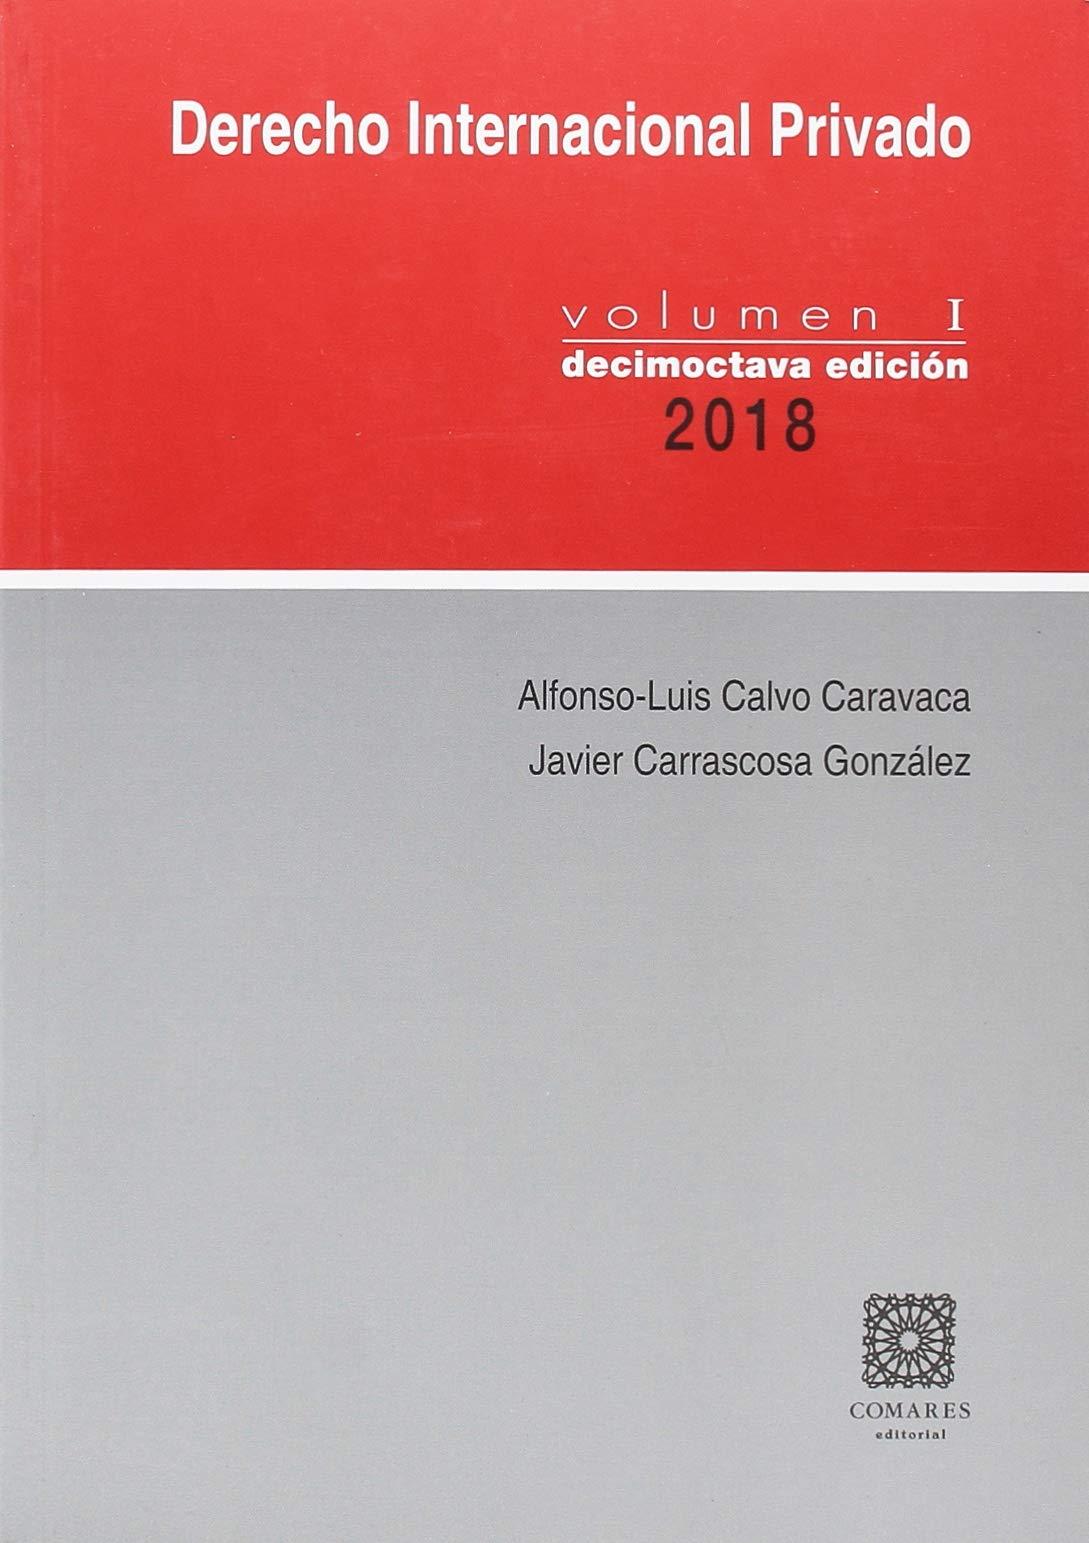 DERECHO INTERNACIONAL PRIVADO VOLUMEN I Tapa blanda – 29 jun 2018 CALVO CARAVACA COMARES 8490456755 International law